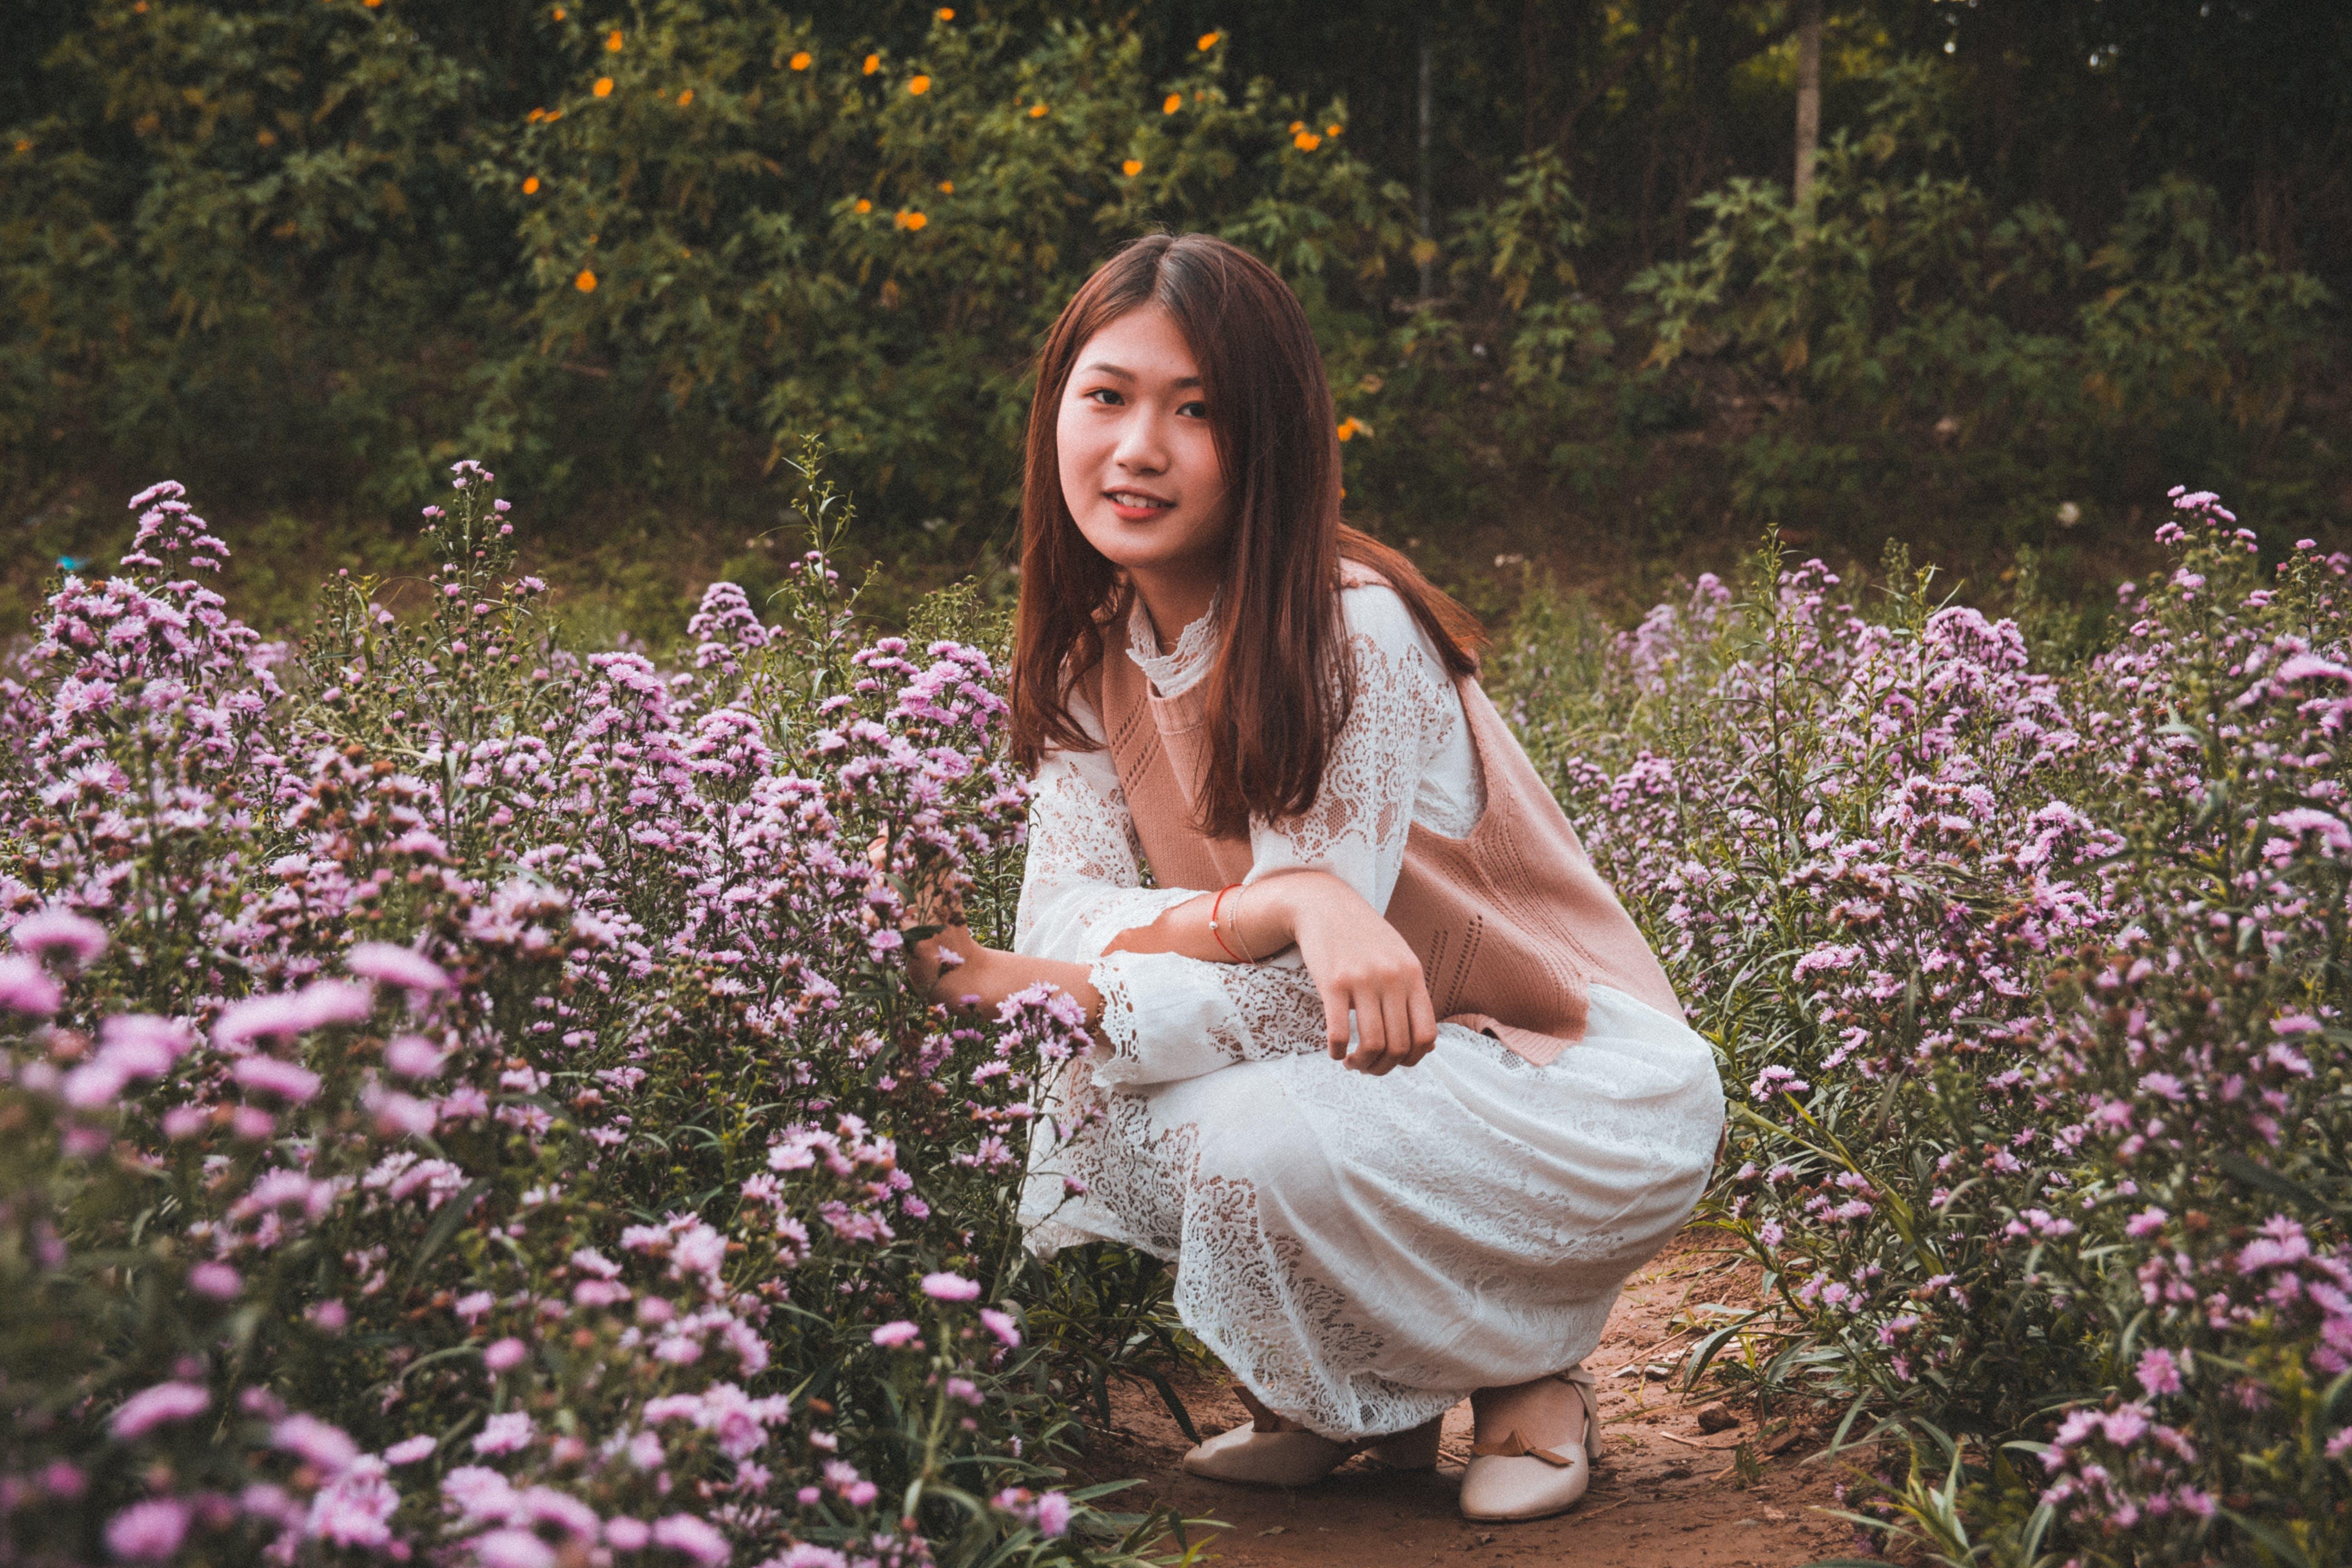 Woman Squatting Beside Purple Flowers